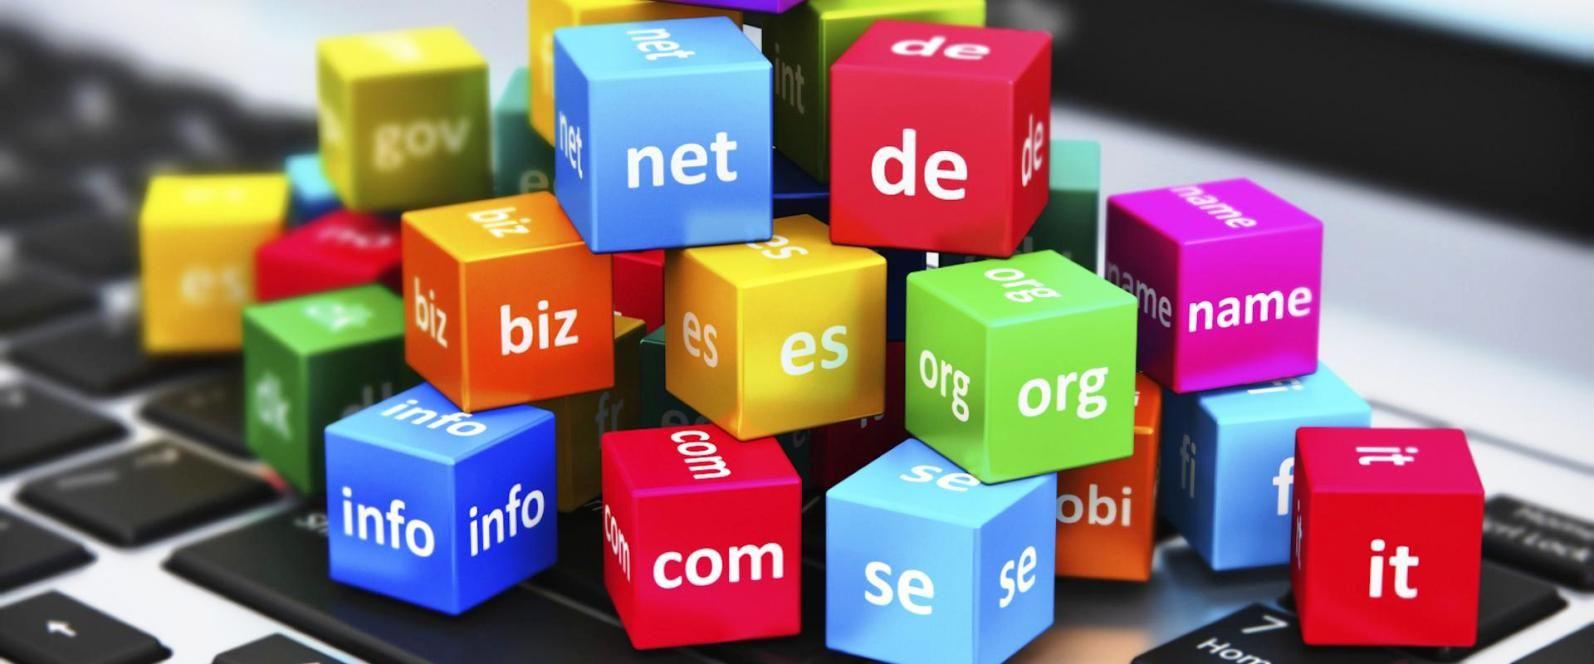 Agence Web HOUNDDD - Gestion de noms de domaine